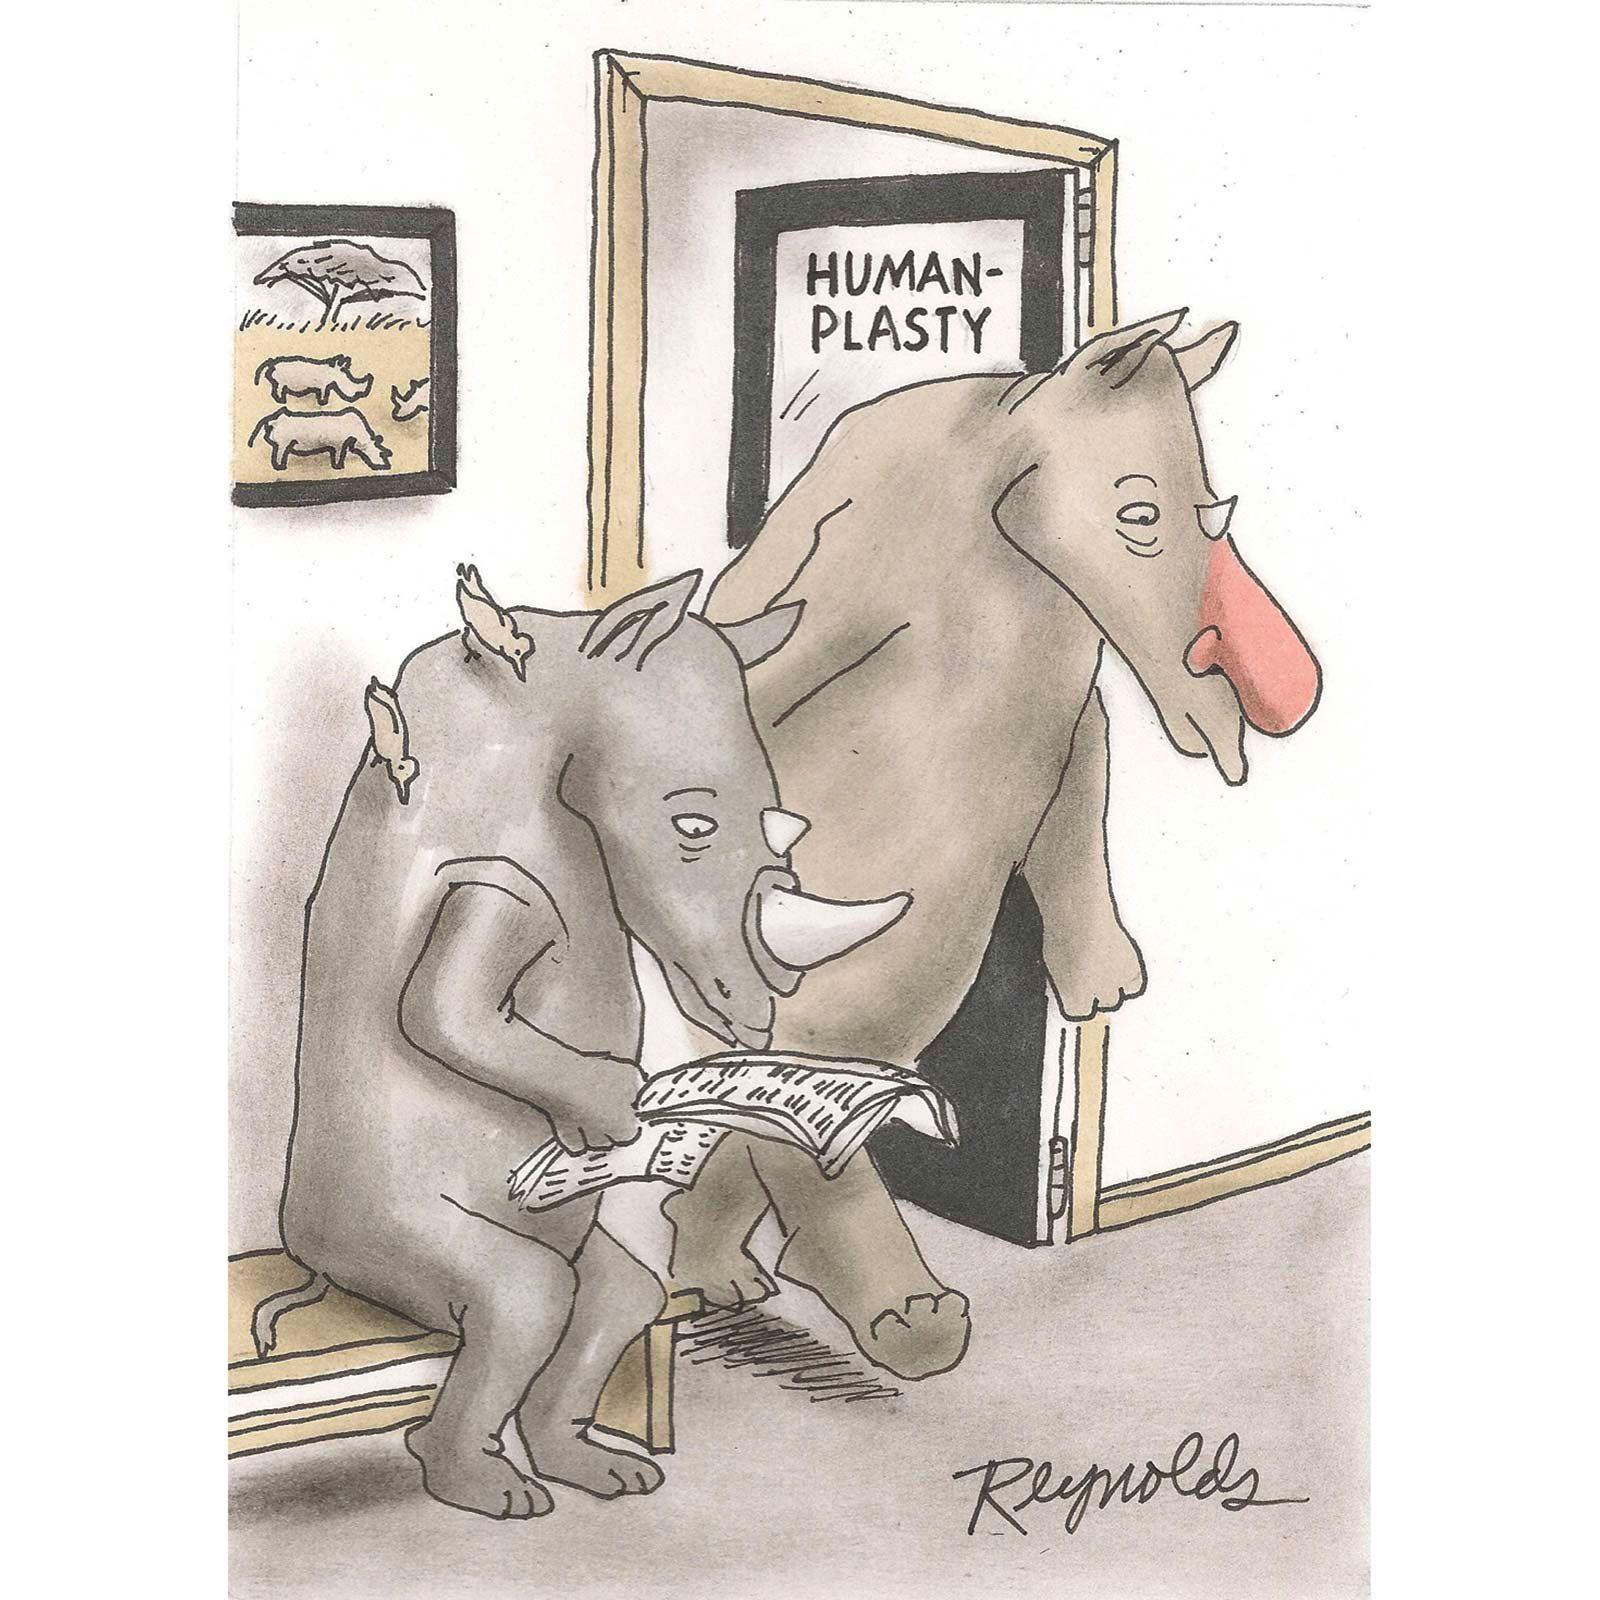 humanplasty